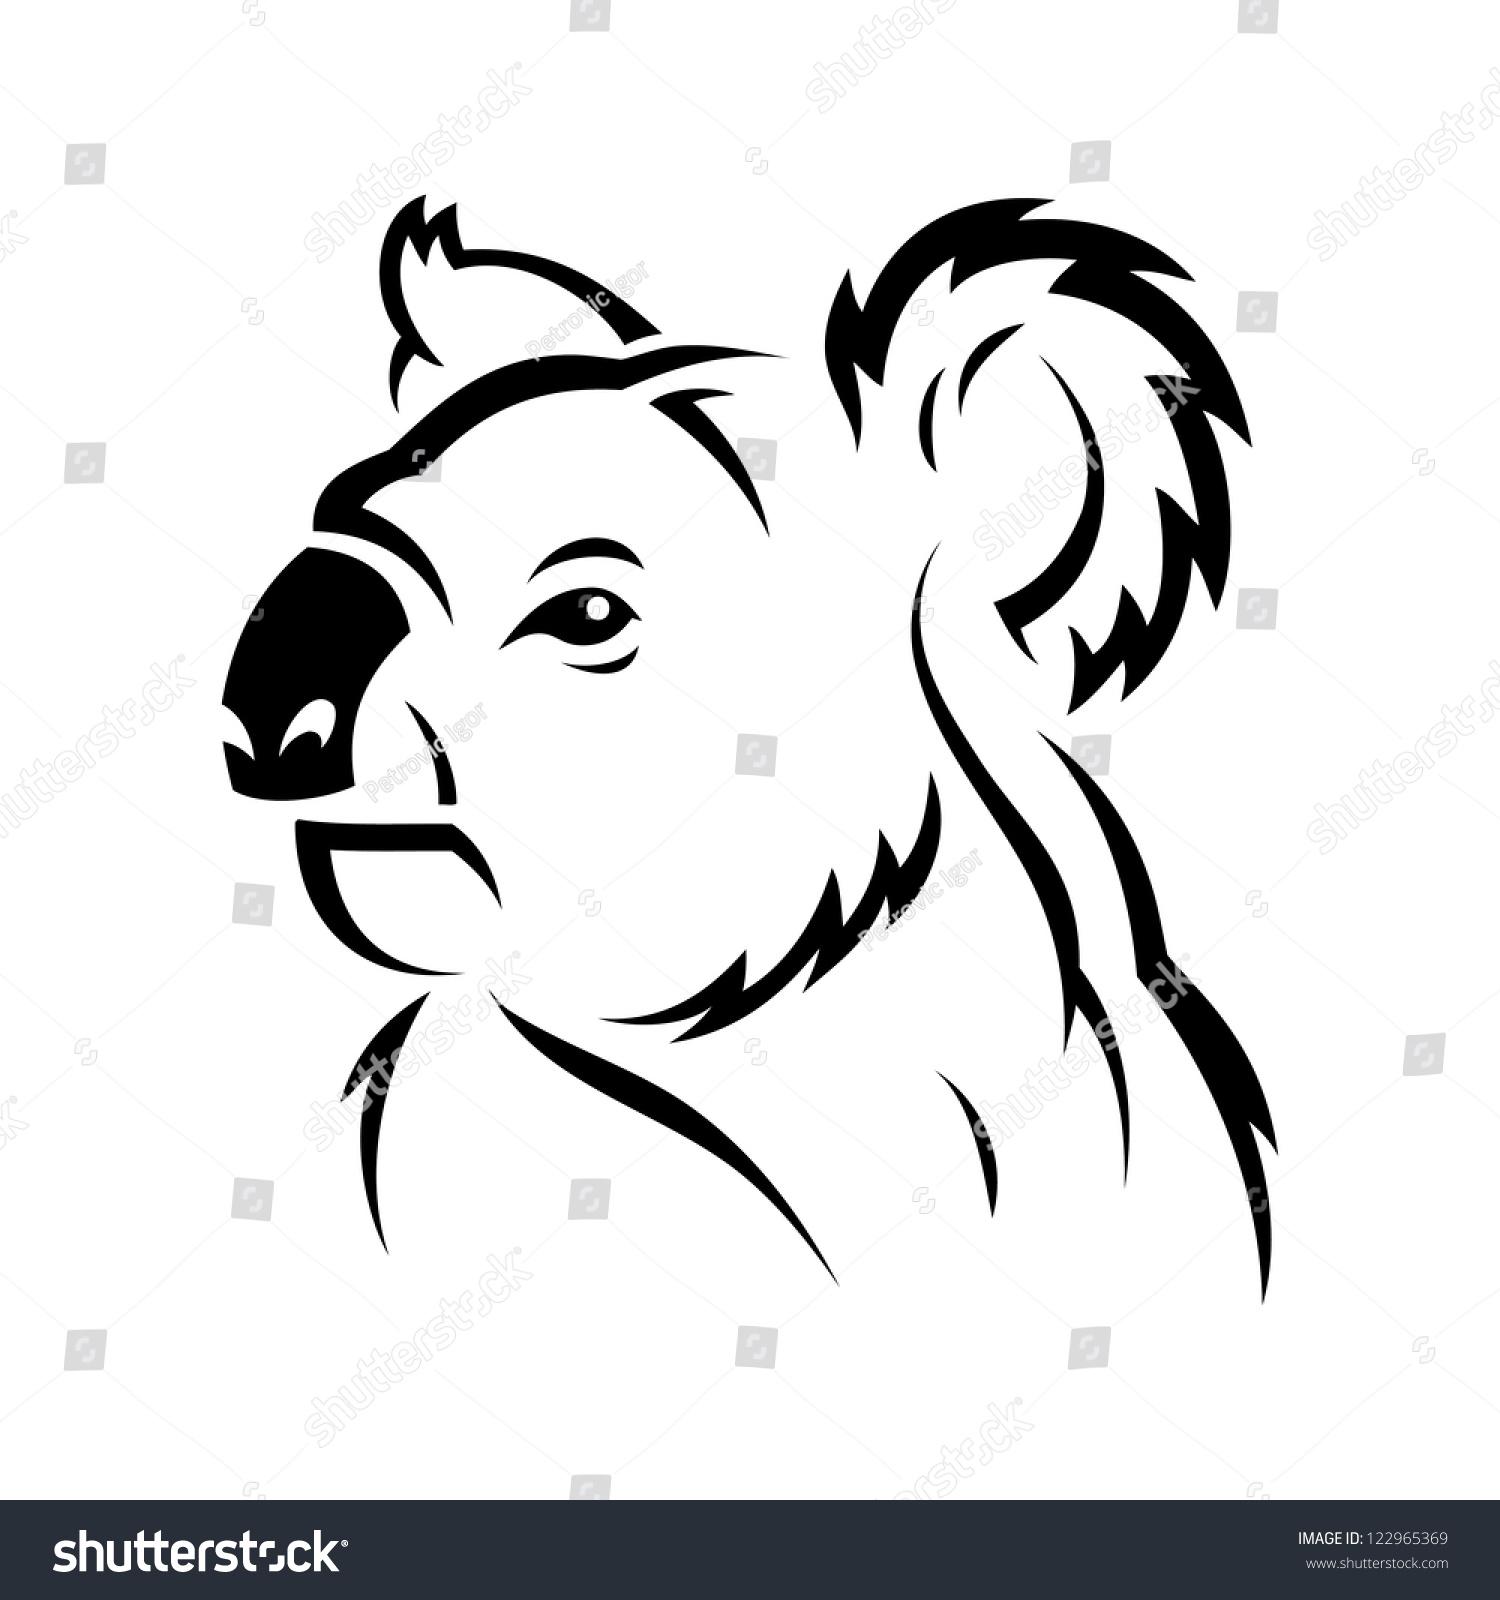 Koala Art And Design : Koala bear vector illustration stock